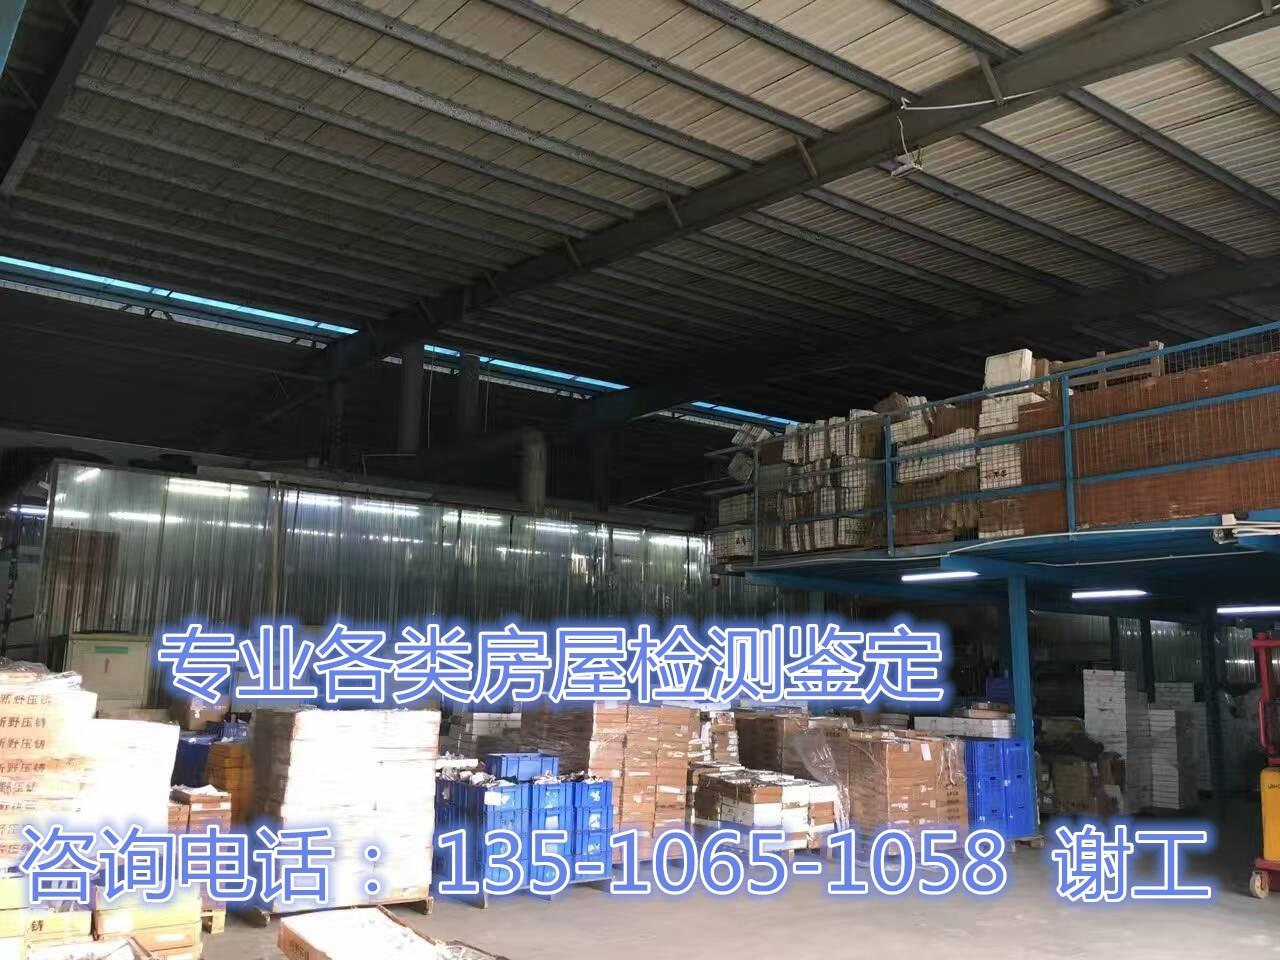 石龙镇权威厂房钢结构安全检测报告提供单位